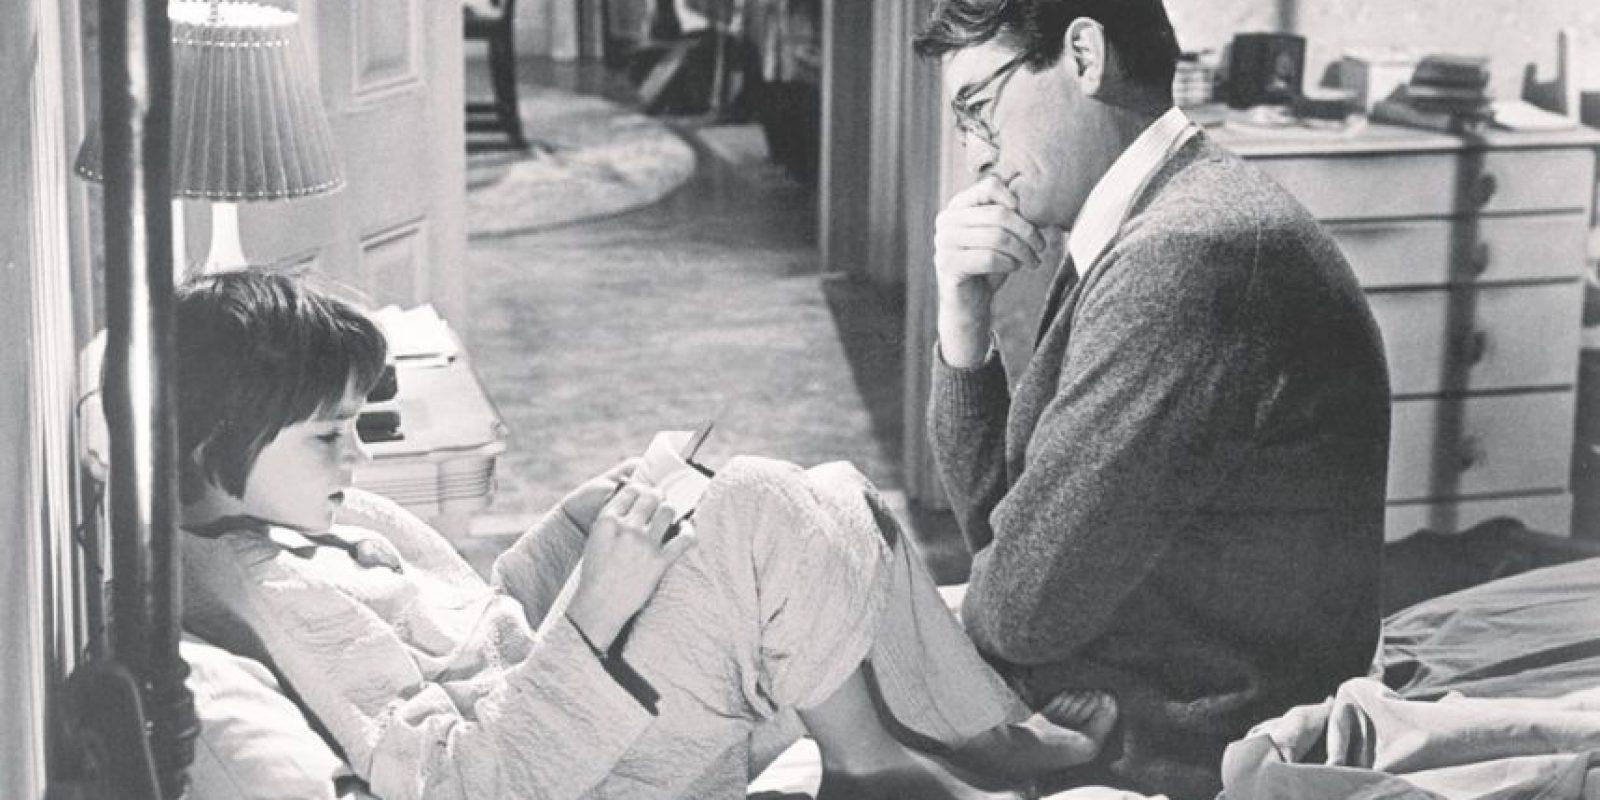 """1- Atticus Finch – Matar un ruiseñor. El estándar dorado de los padres en la literatura apareció por primera vez en el clásico de 1960 de Harper Lee y llegó a la pantalla grande dos años más tarde interpretado por Gregory Peck. En un pueblo sureño de Estados Unidos, dividido por el odio racial, este hombre es un valiente abogado que defiende la justicia para todos y un ejemplo para sus hijos. Infinitamente paciente con su hija Scout y su hijo Jem, Atticus es nuestro padre ideal. Como dice la frase final de la cinta: """"Apagó la luz y entró en el cuarto de Jem. Se quedaría ahí toda la noche y estaría ahí cuando Jem despertara en la mañana"""". Qué gran tipo. Foto:Fuente externa"""